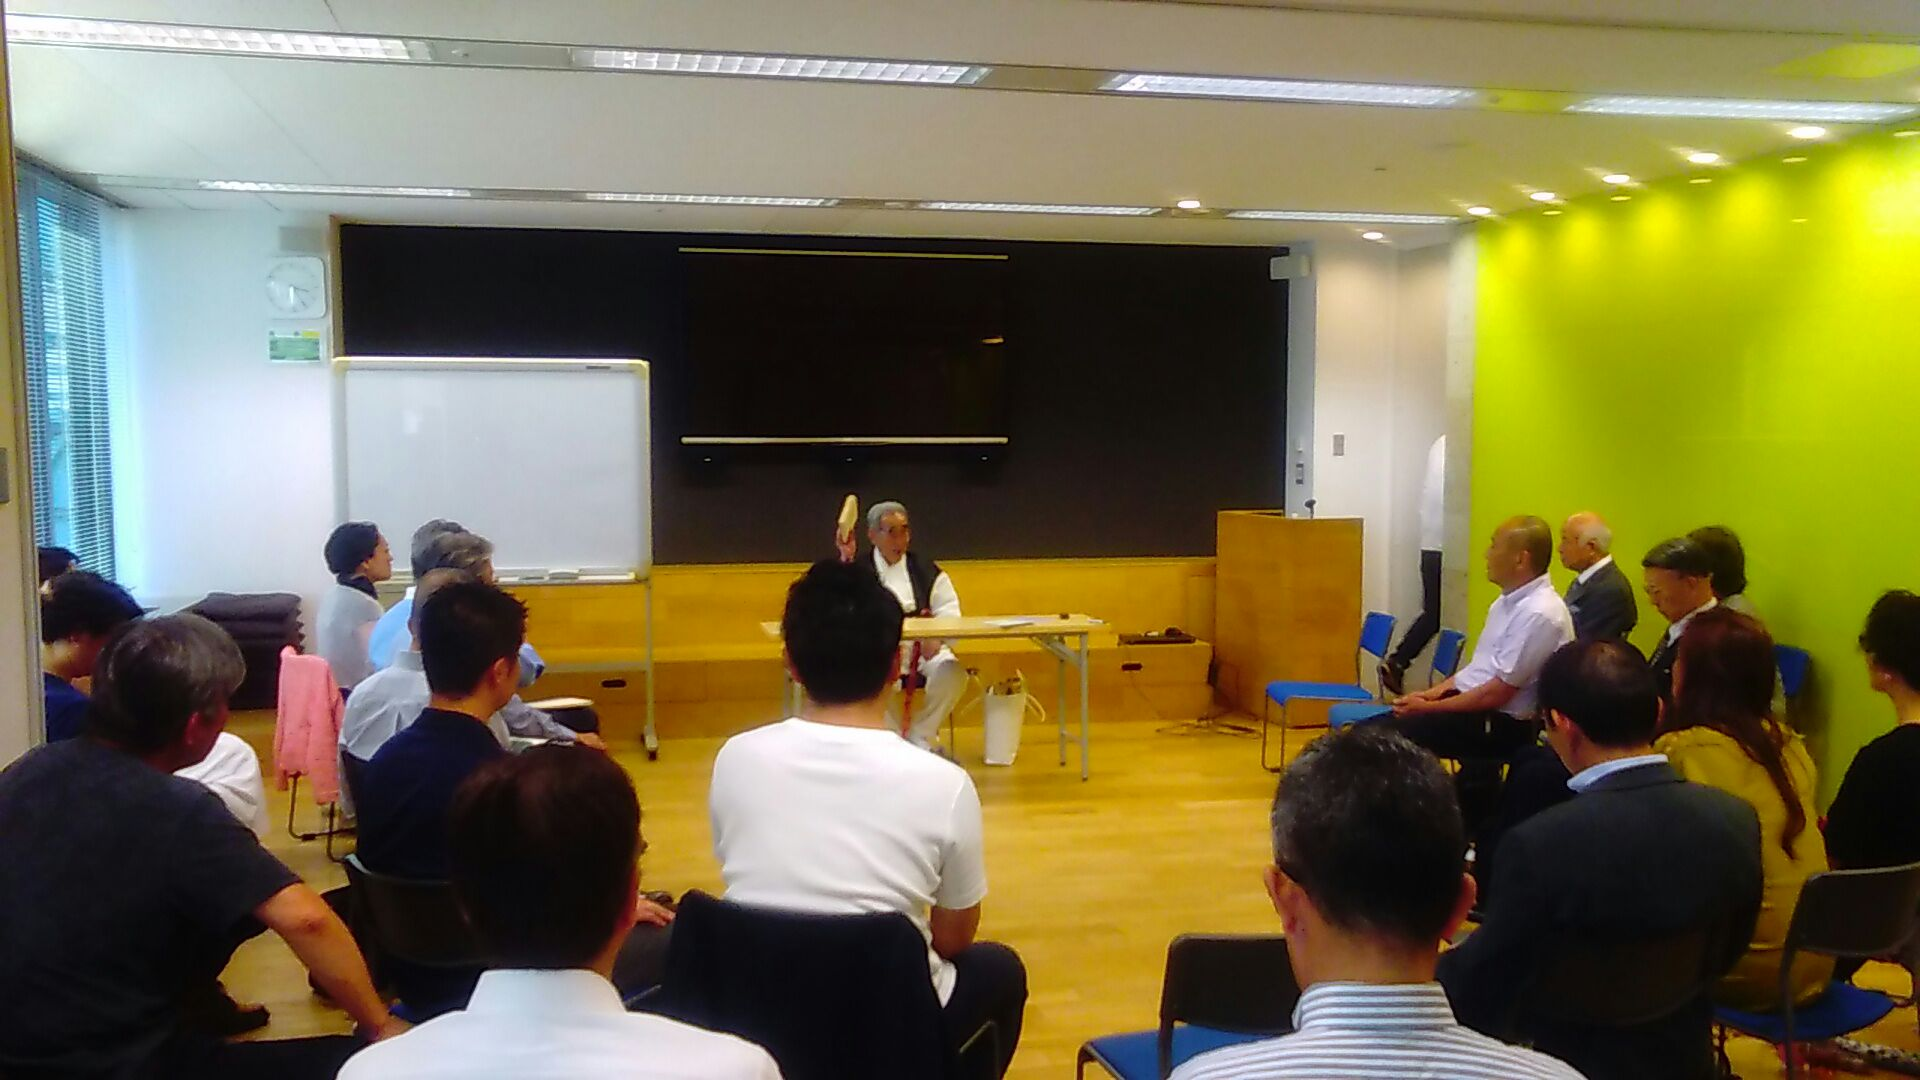 179828 - 第5回東京思風塾「使命を見つけ出すための6つの問いとは」をテーマに開催しました。